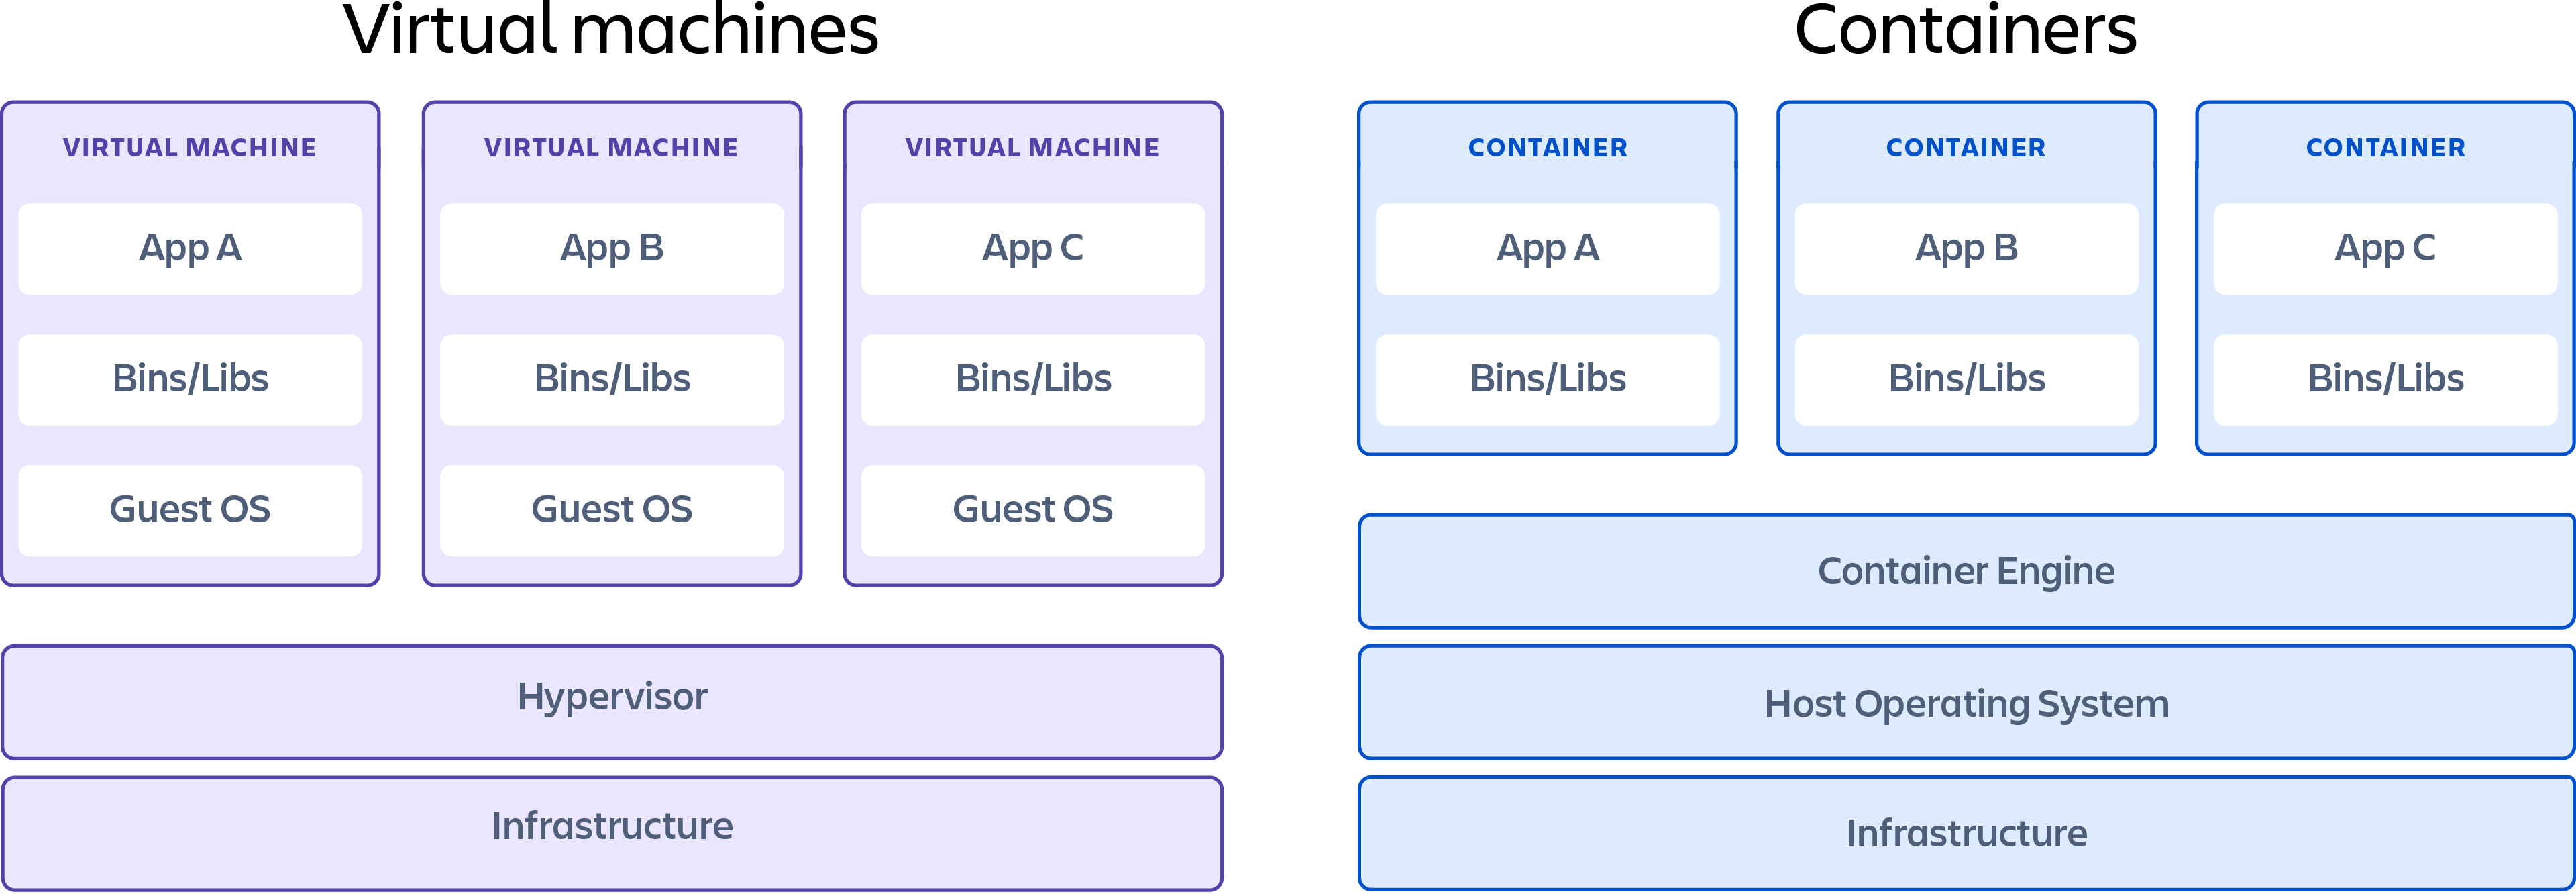 Um contêiner mostrando as diferenças entre máquinas virtuais e contêineres.